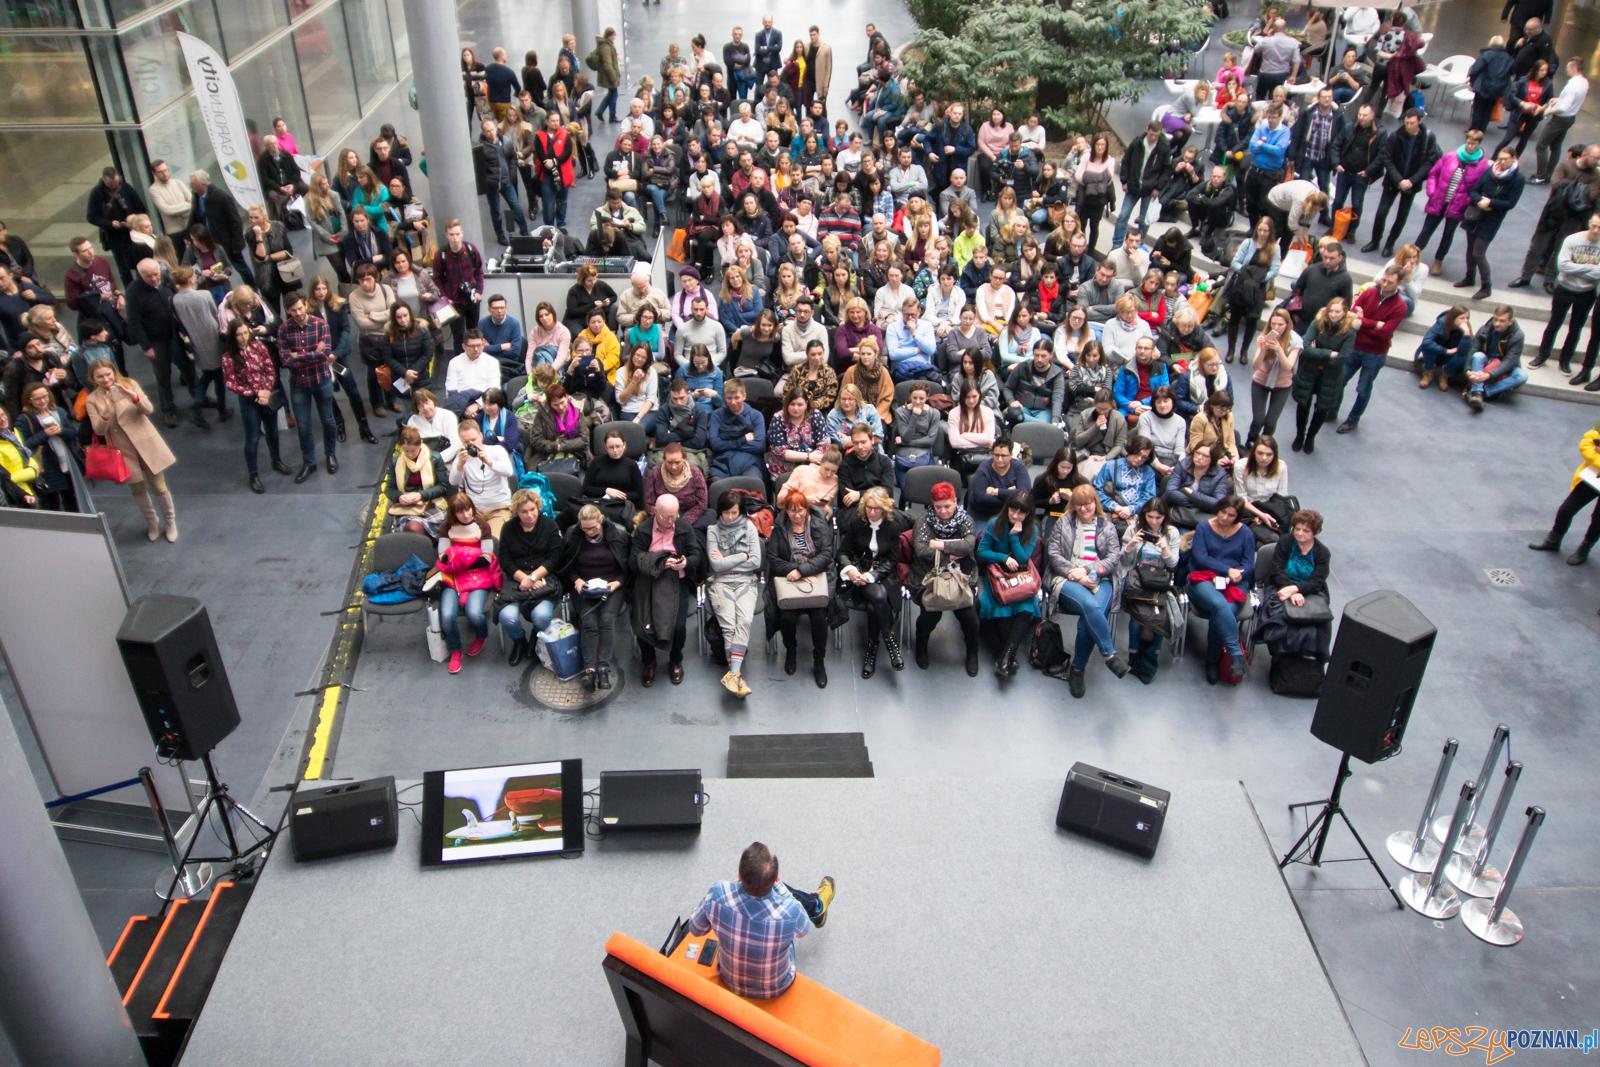 Tour Salon  Foto: lepszyPOZNAN.pl/Piotr Rychter